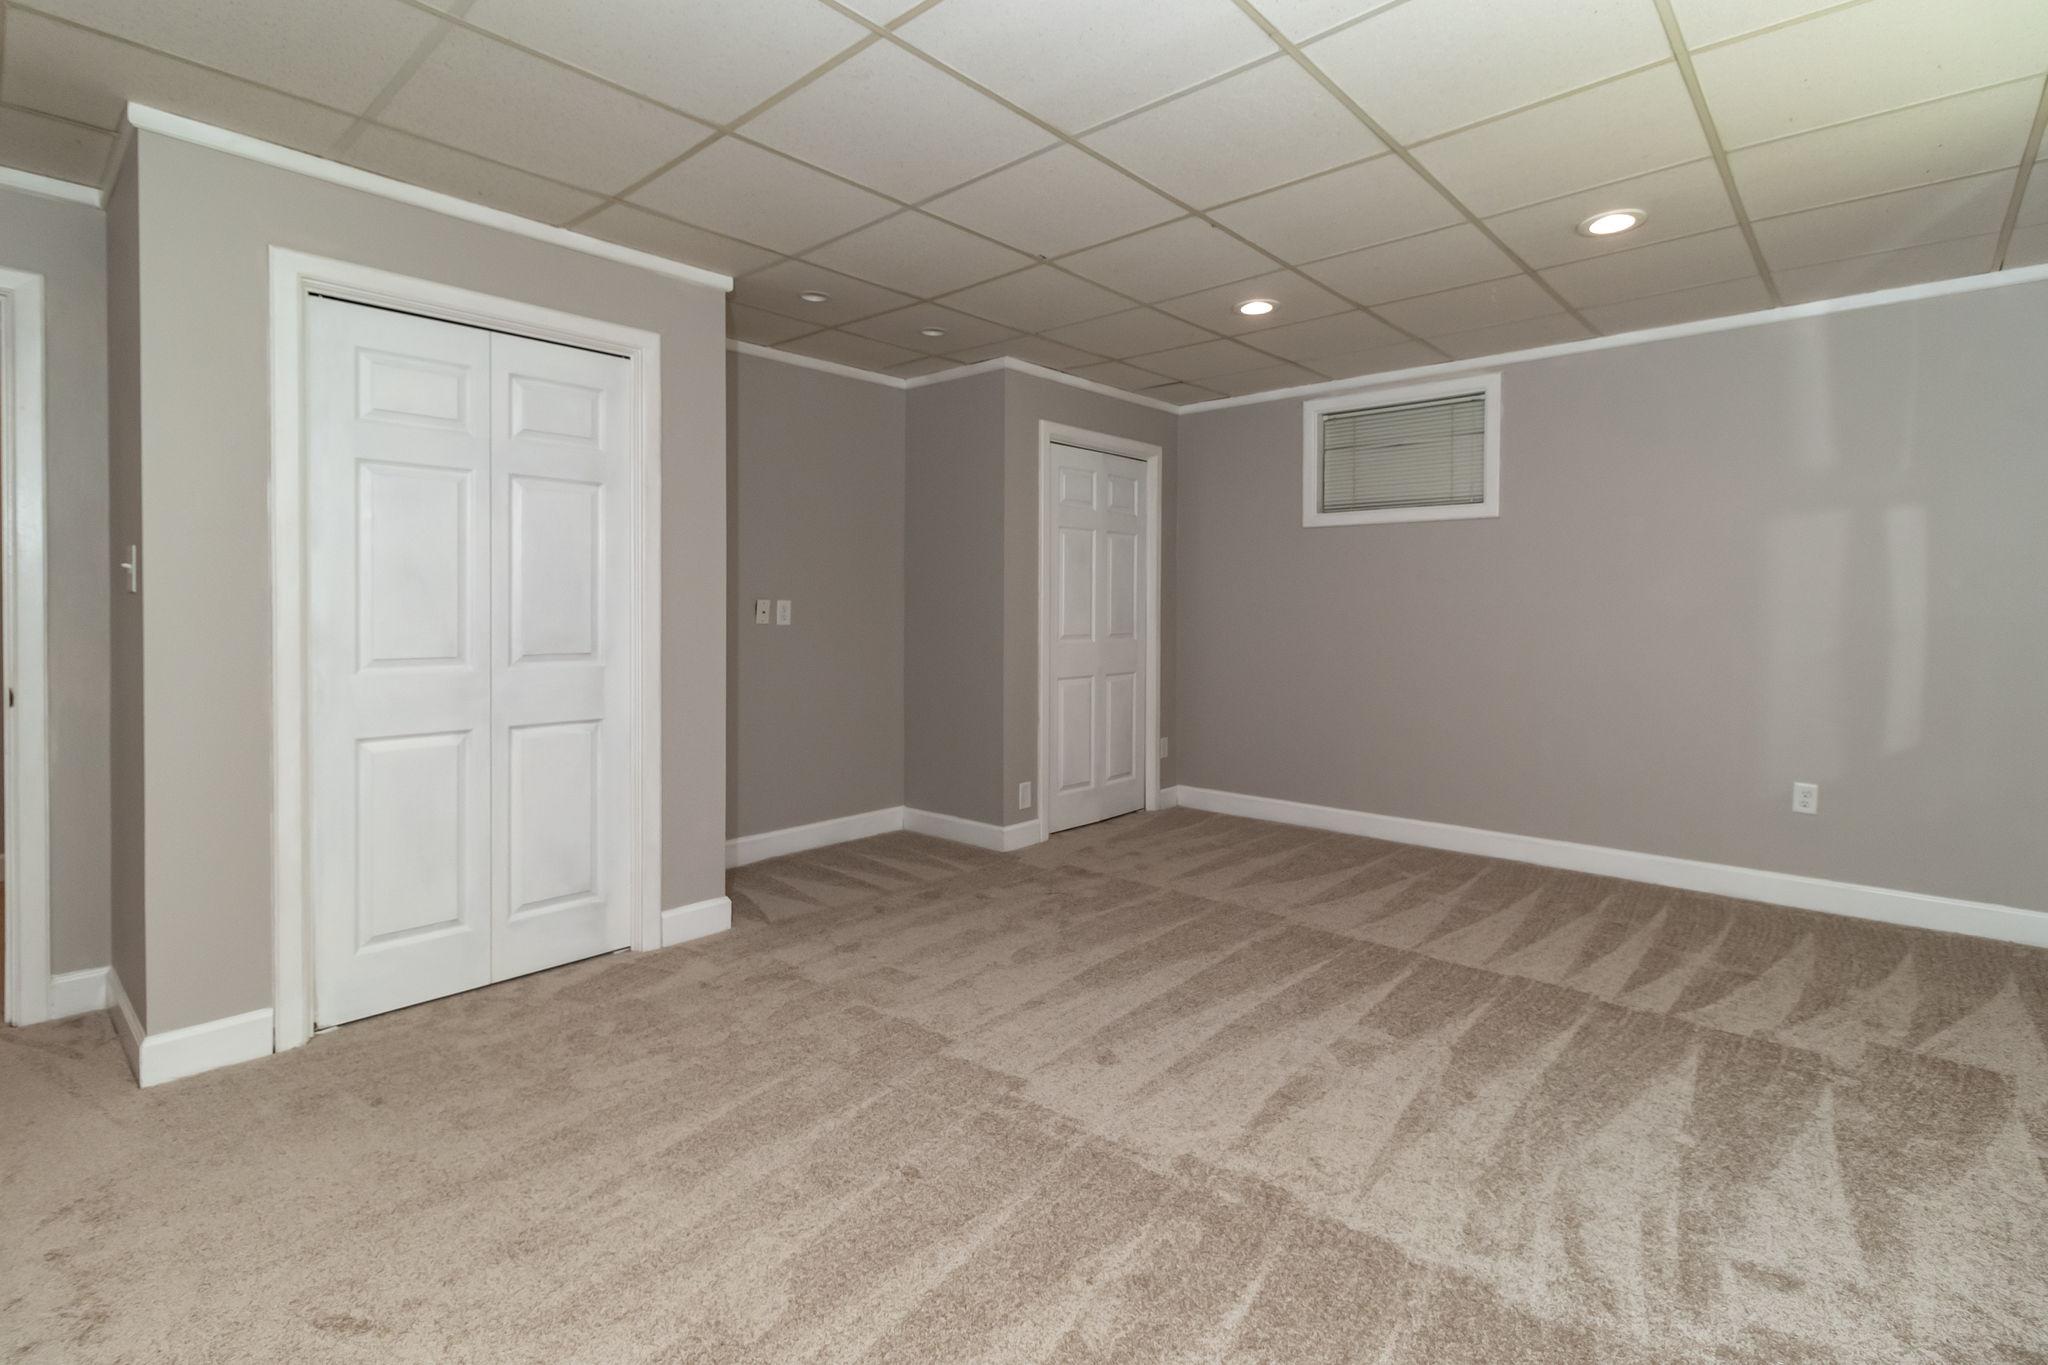 Basement BedroomBasement Bedroom